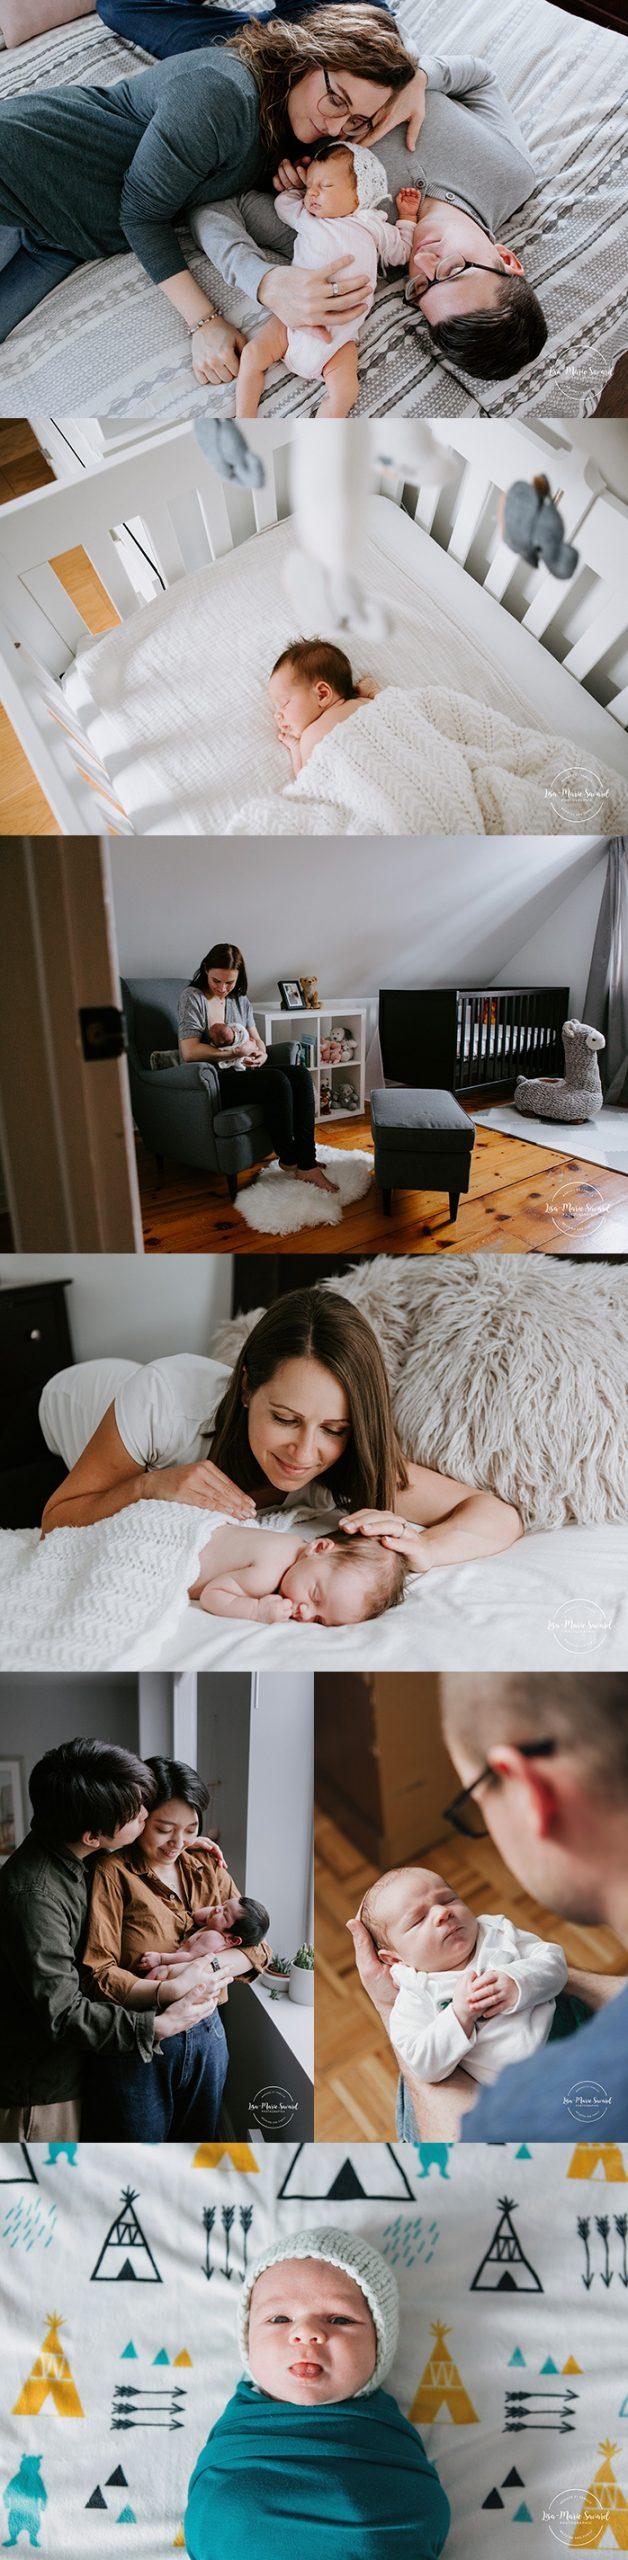 En studio ou à domicile? Comment choisir la séance nouveau-né qui correspond à vos besoins. Photographe de nouveau-né à domicile à Montréal. Séance nouveau-né à domicile à Montréal. Montreal in-home newborn photographer. Montreal in-home newborn session.